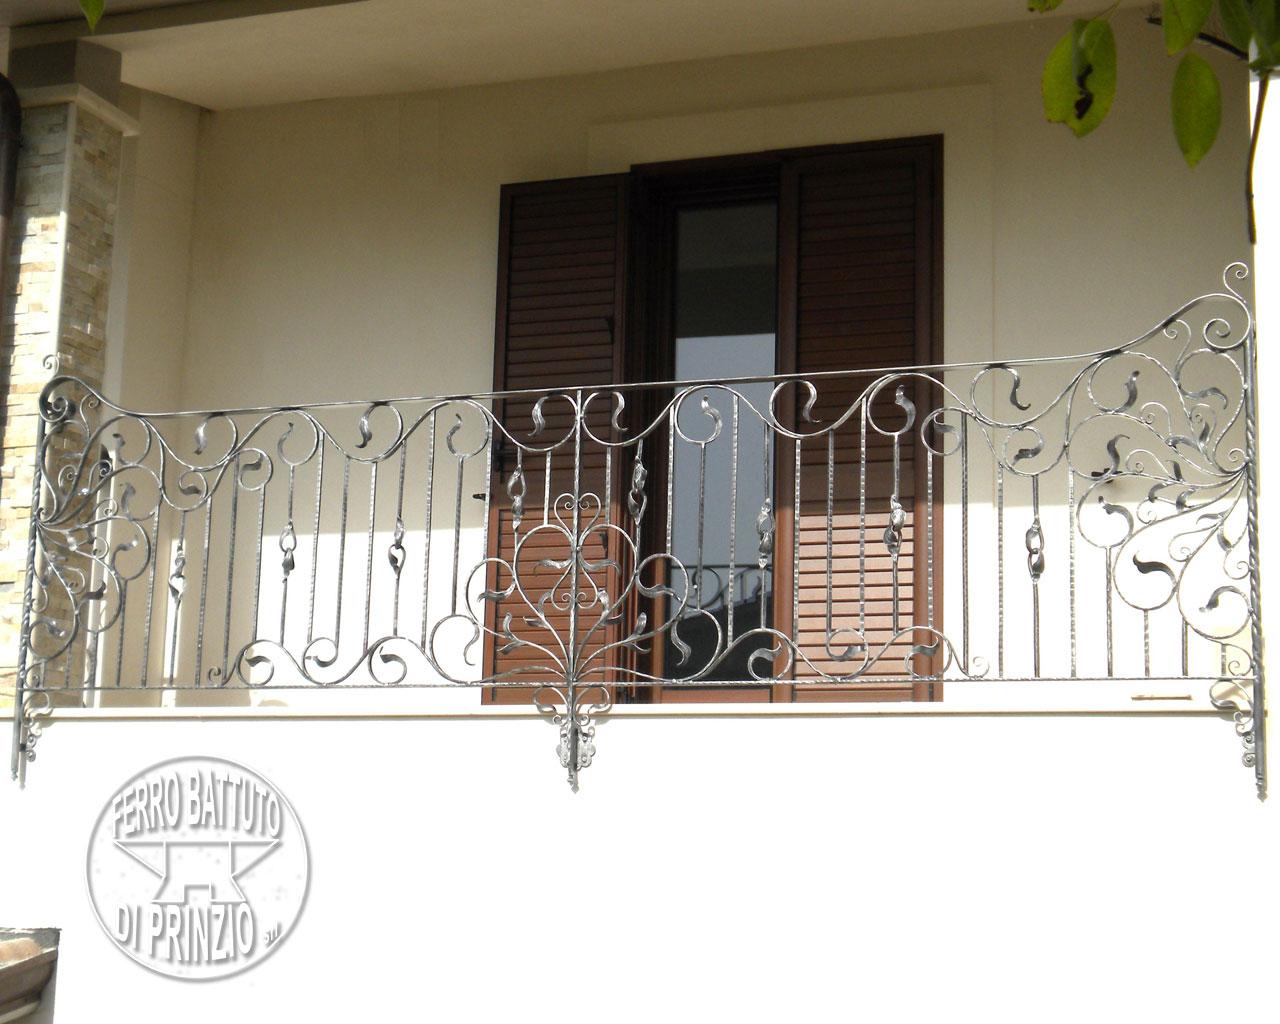 Pin Ringhiera In Ferro Battuto Con Decorazione Floreale on Pinterest